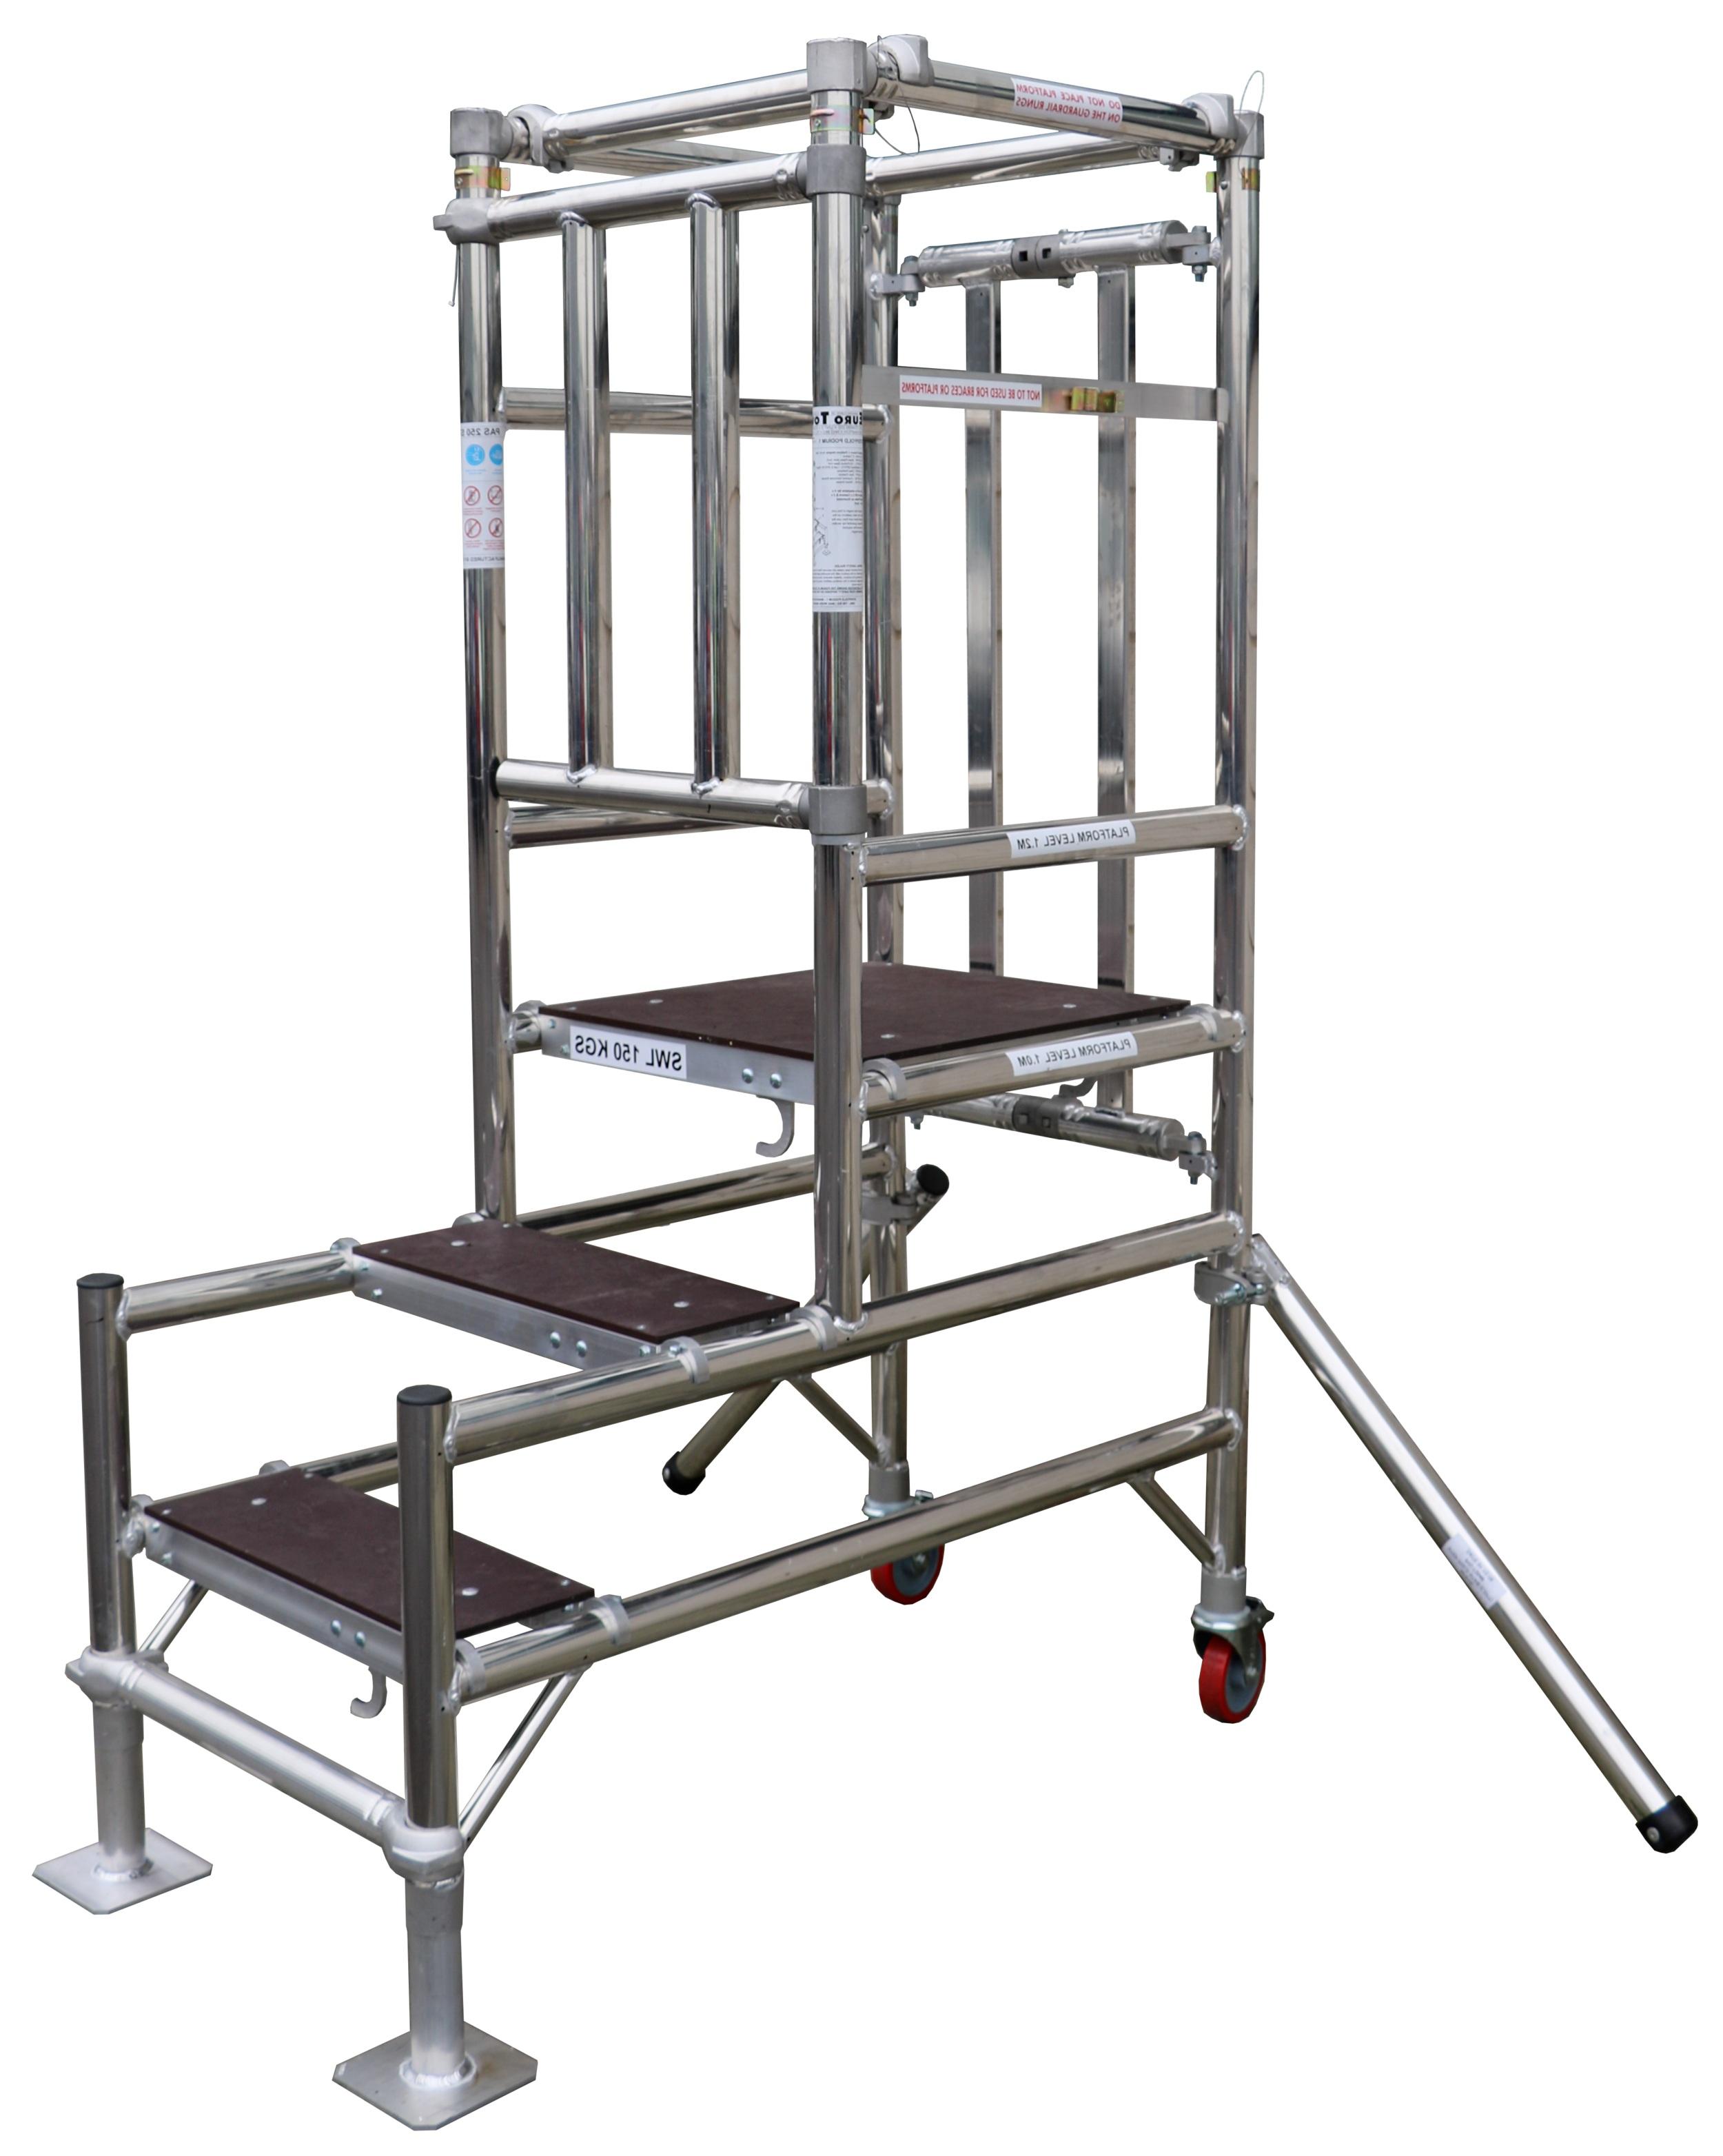 BS+8620+standard%2C+podium+steps%2C+british+standard%2C+low+level+podium%2C+aluminium+podium+steps%2C+euro+towers%2C+PAS+250